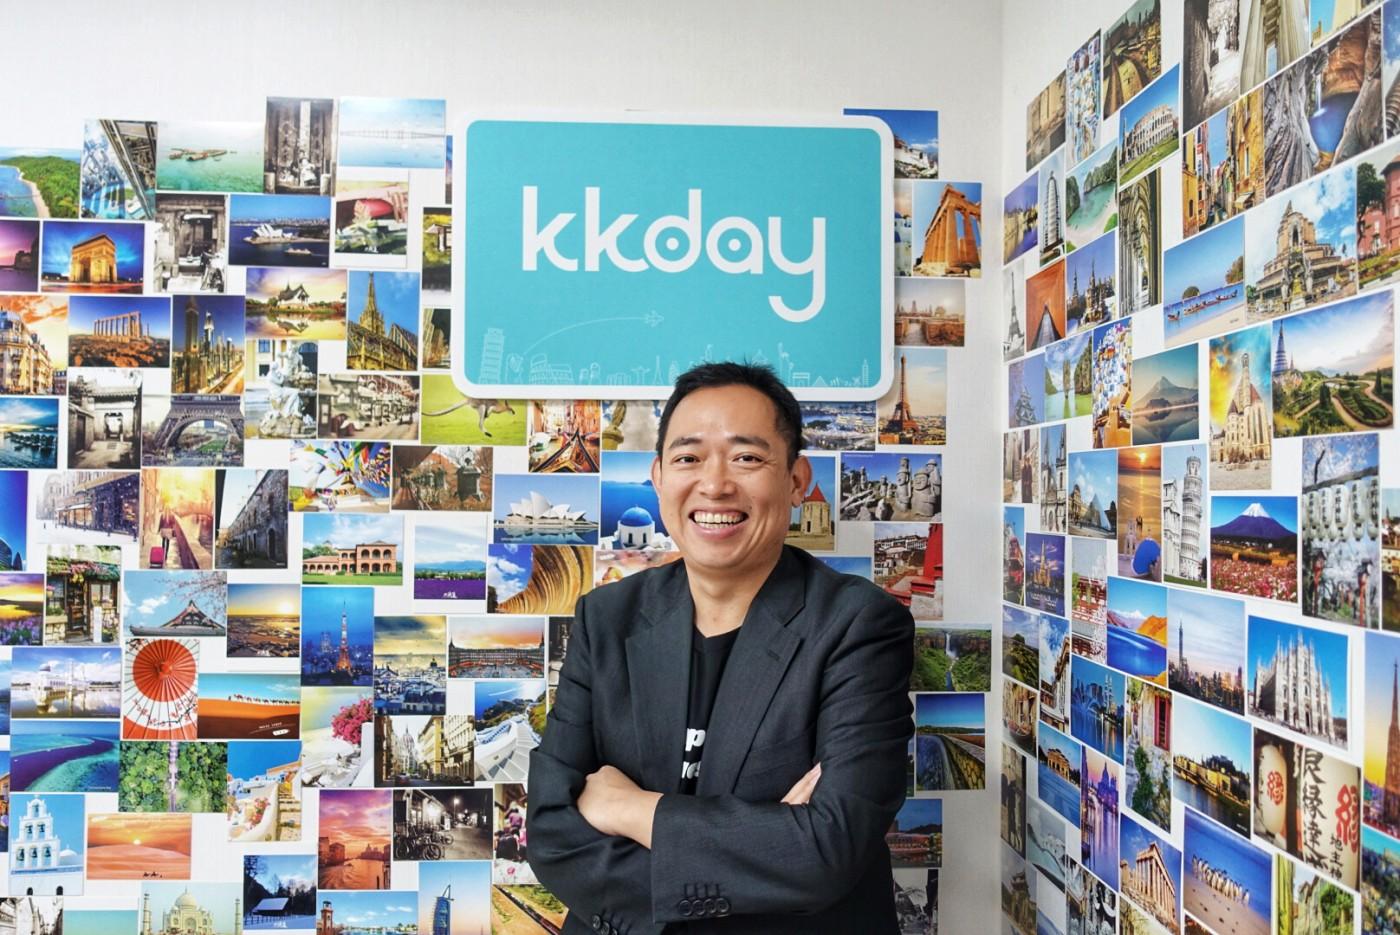 旅遊平台KKday獲3億銀彈,聯手日本旅遊集團H.I.S.打國際戰